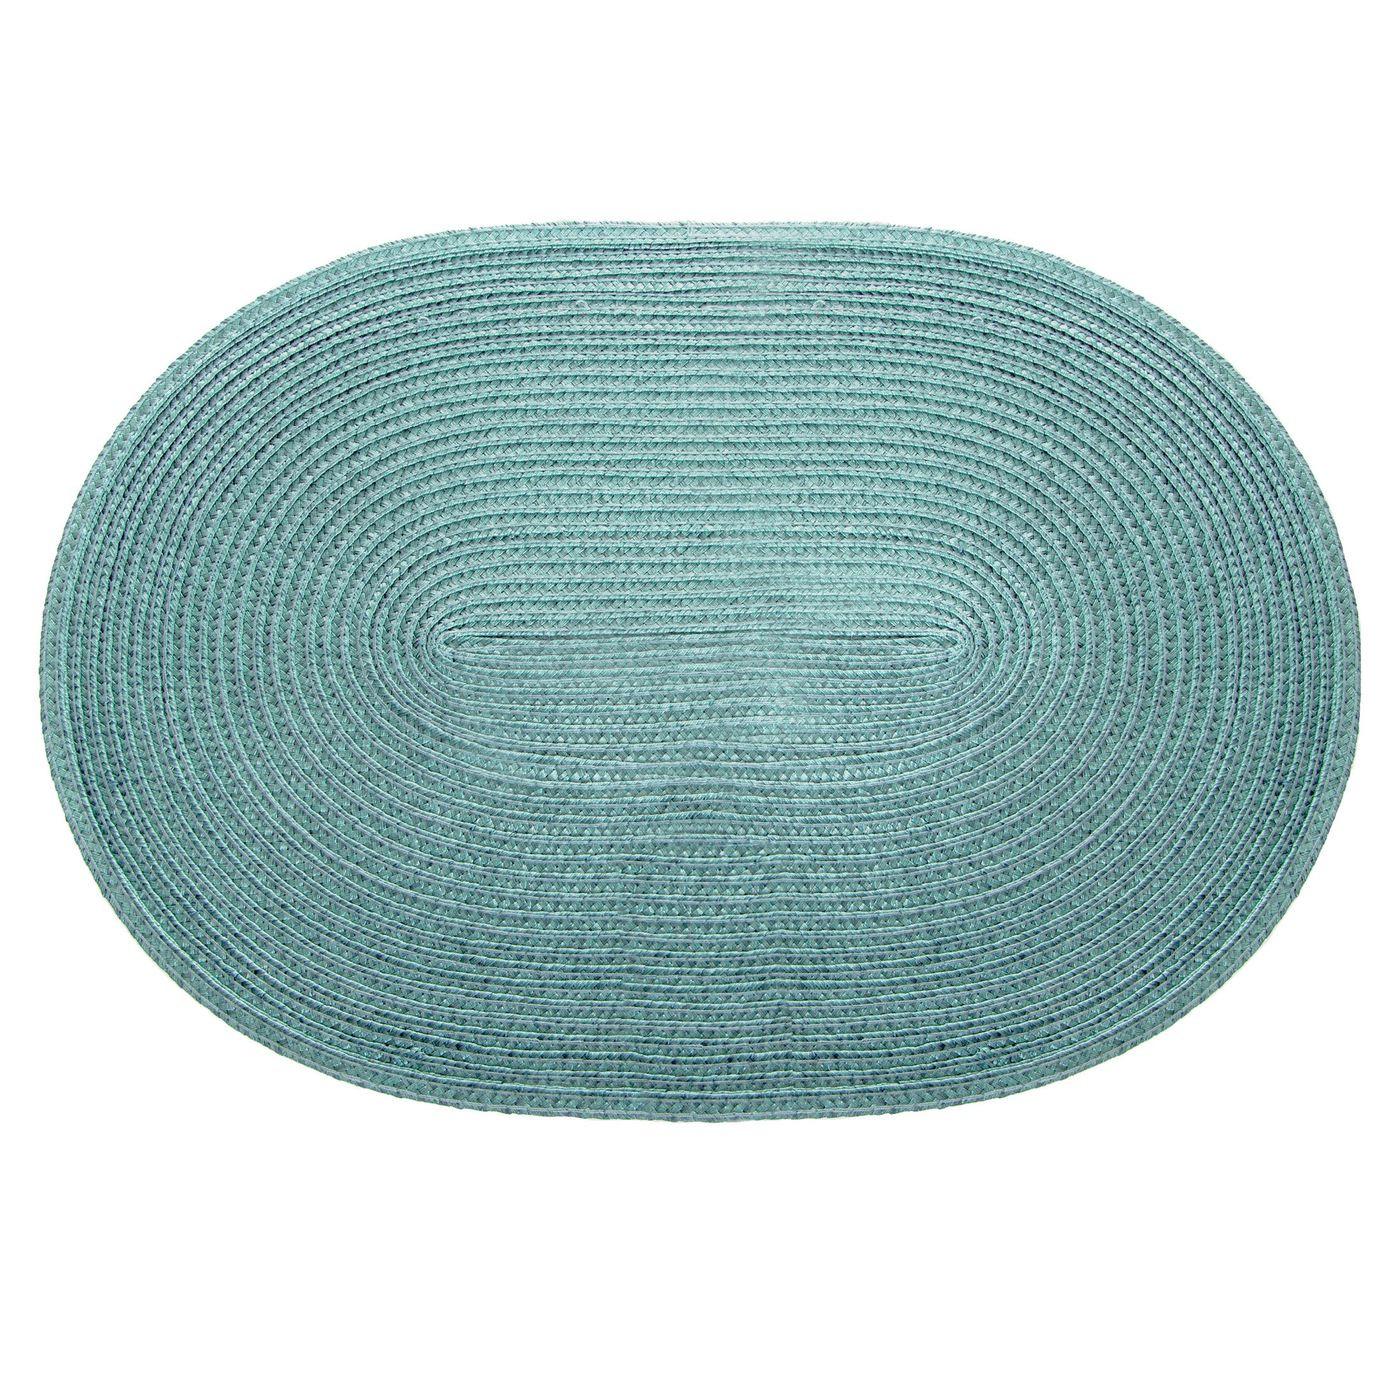 Owalna podkładka stołowa miętowa 30x45 cm